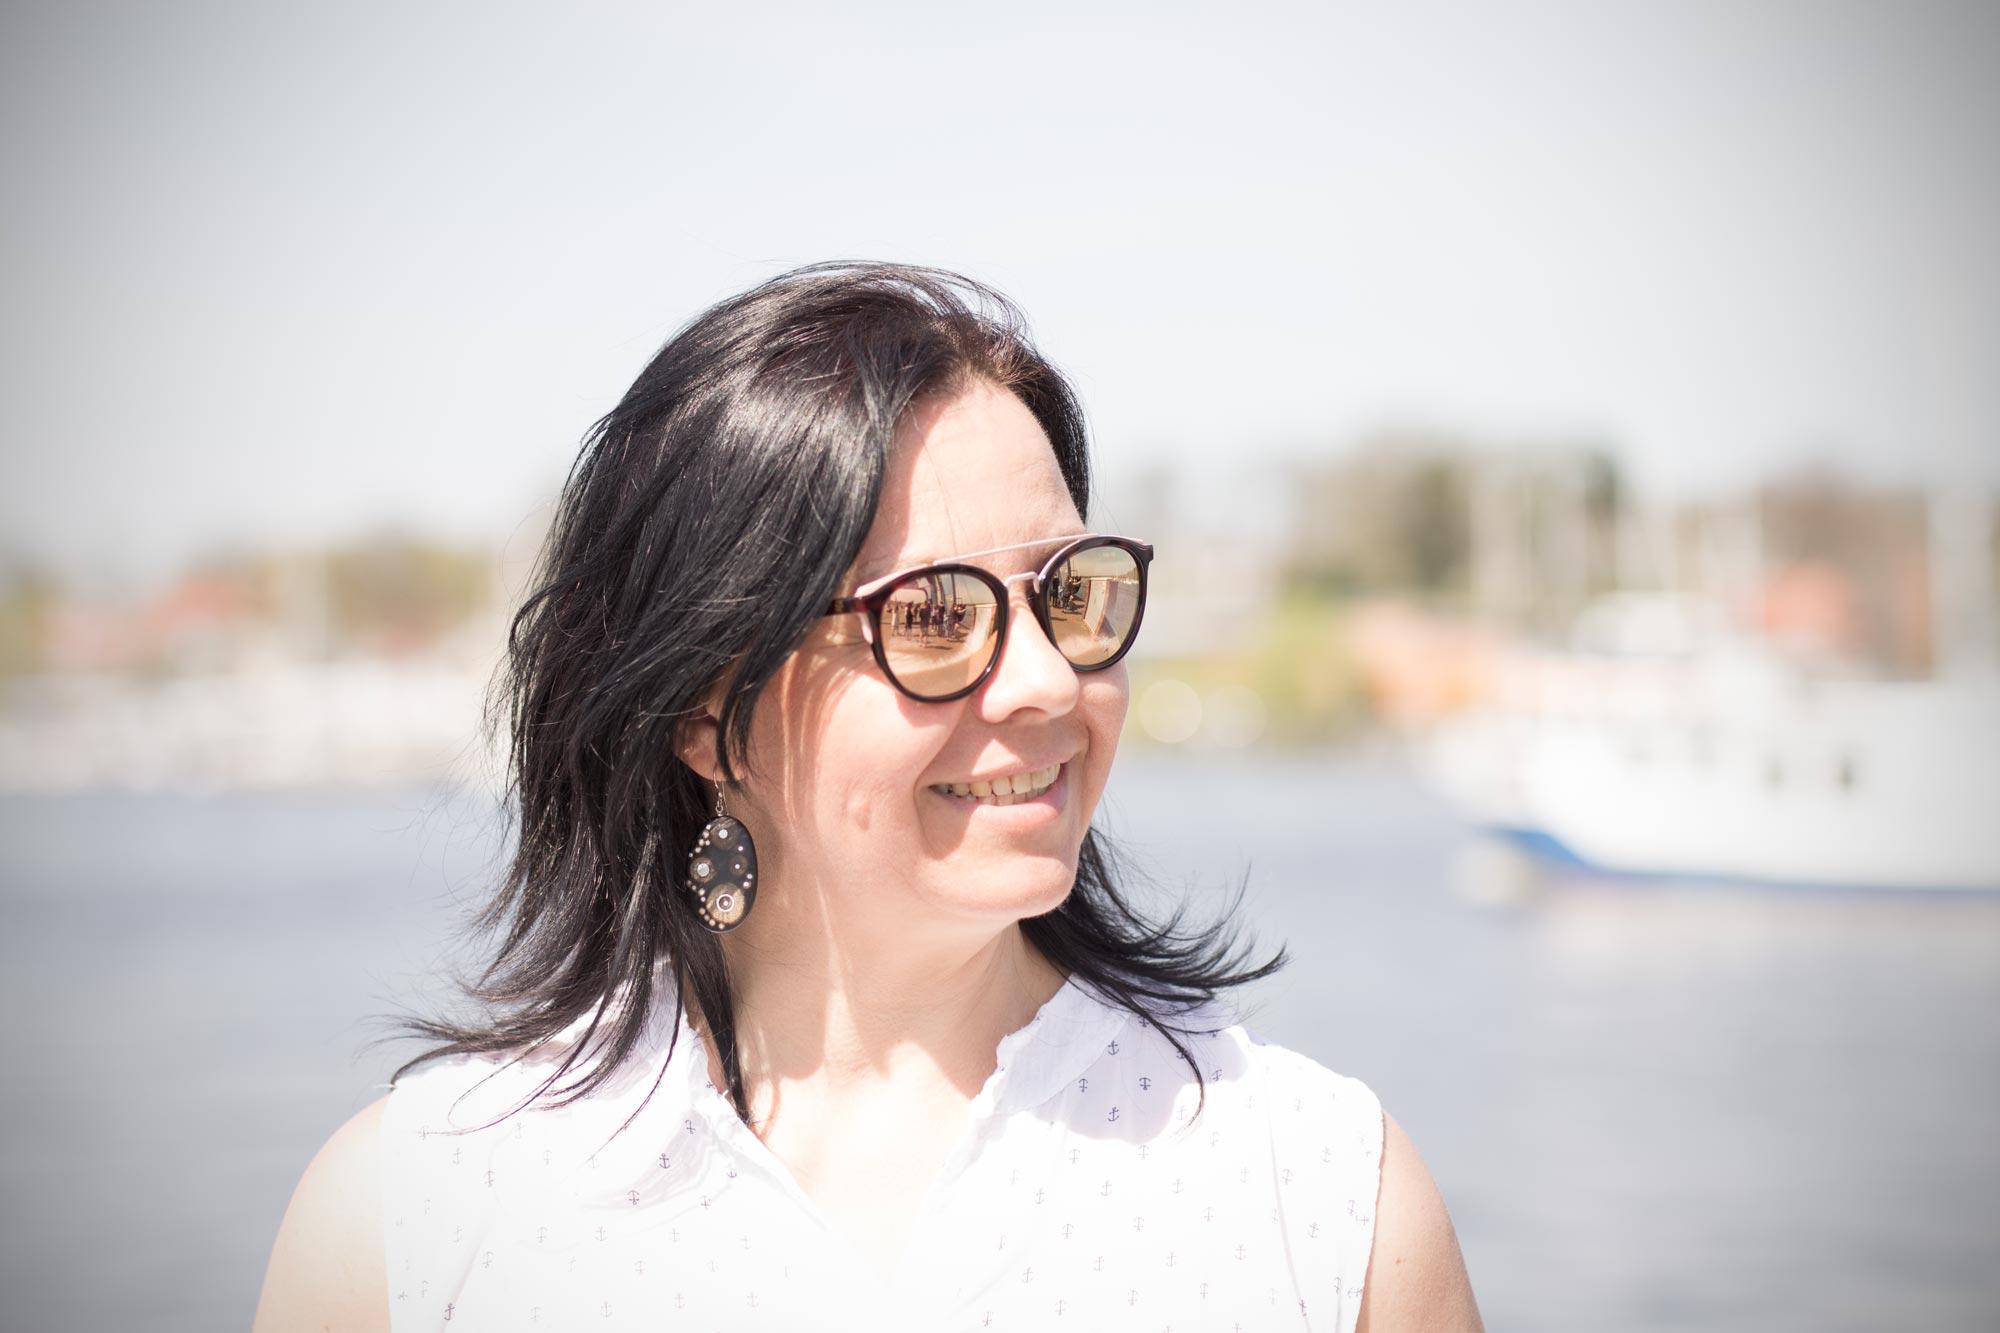 Katja Ellner ist Augenoptikermeisterin bei Optik Sagawe in Reutershagen - hat hier eine Sonnenbrille von Etnia Barcelona auf